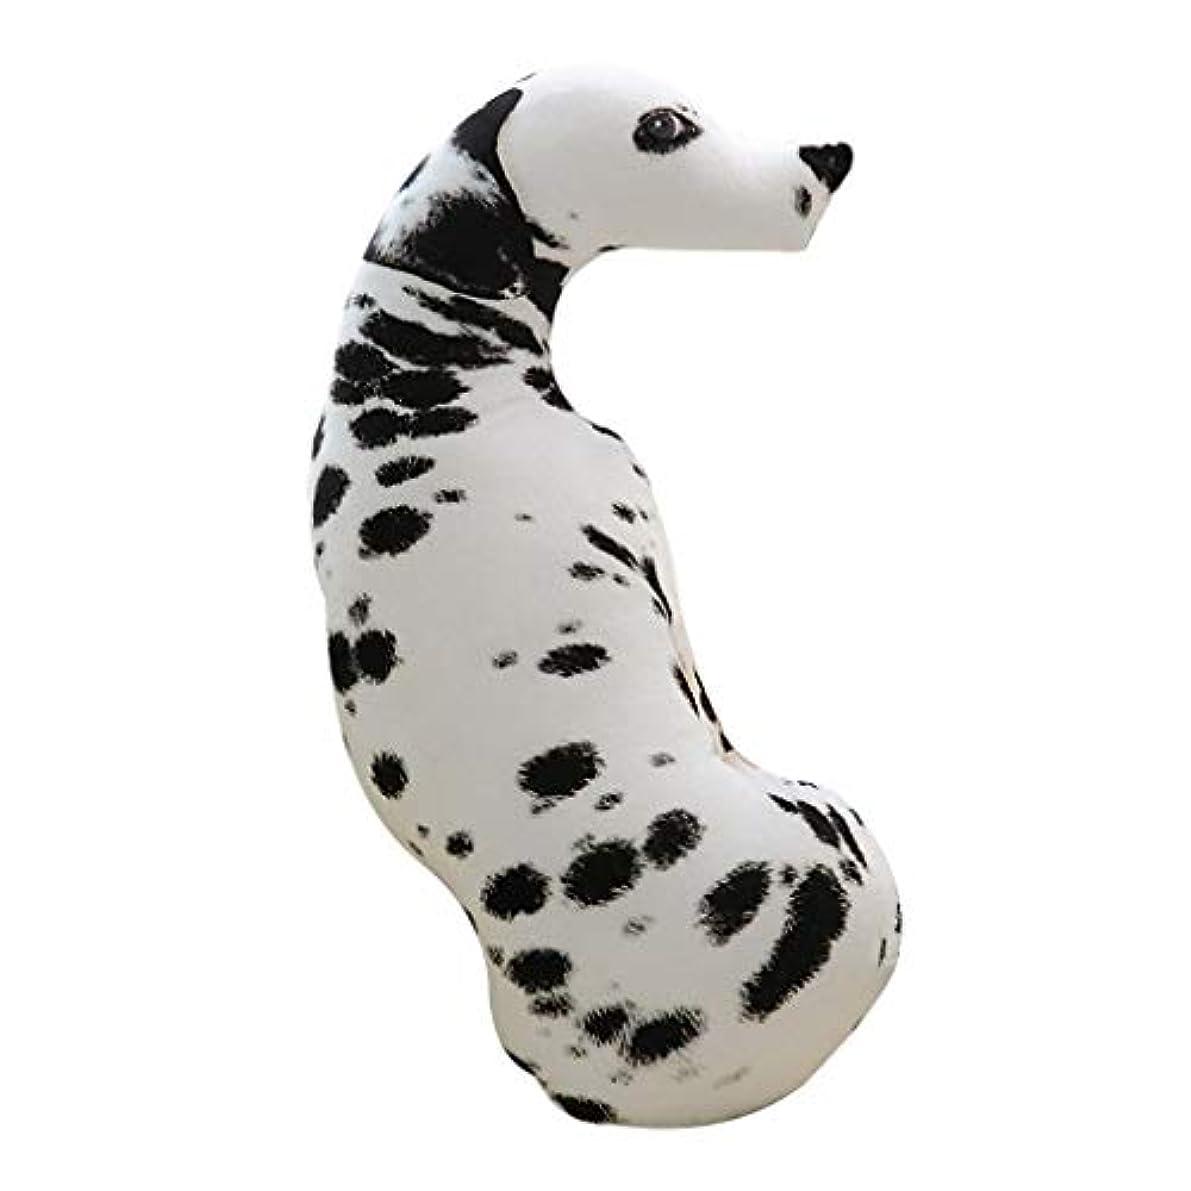 推進力水銀の文句を言うLIFE 装飾クッションソファおかしい 3D 犬印刷スロー枕創造クッションかわいいぬいぐるみギフト家の装飾 coussin decoratif クッション 椅子